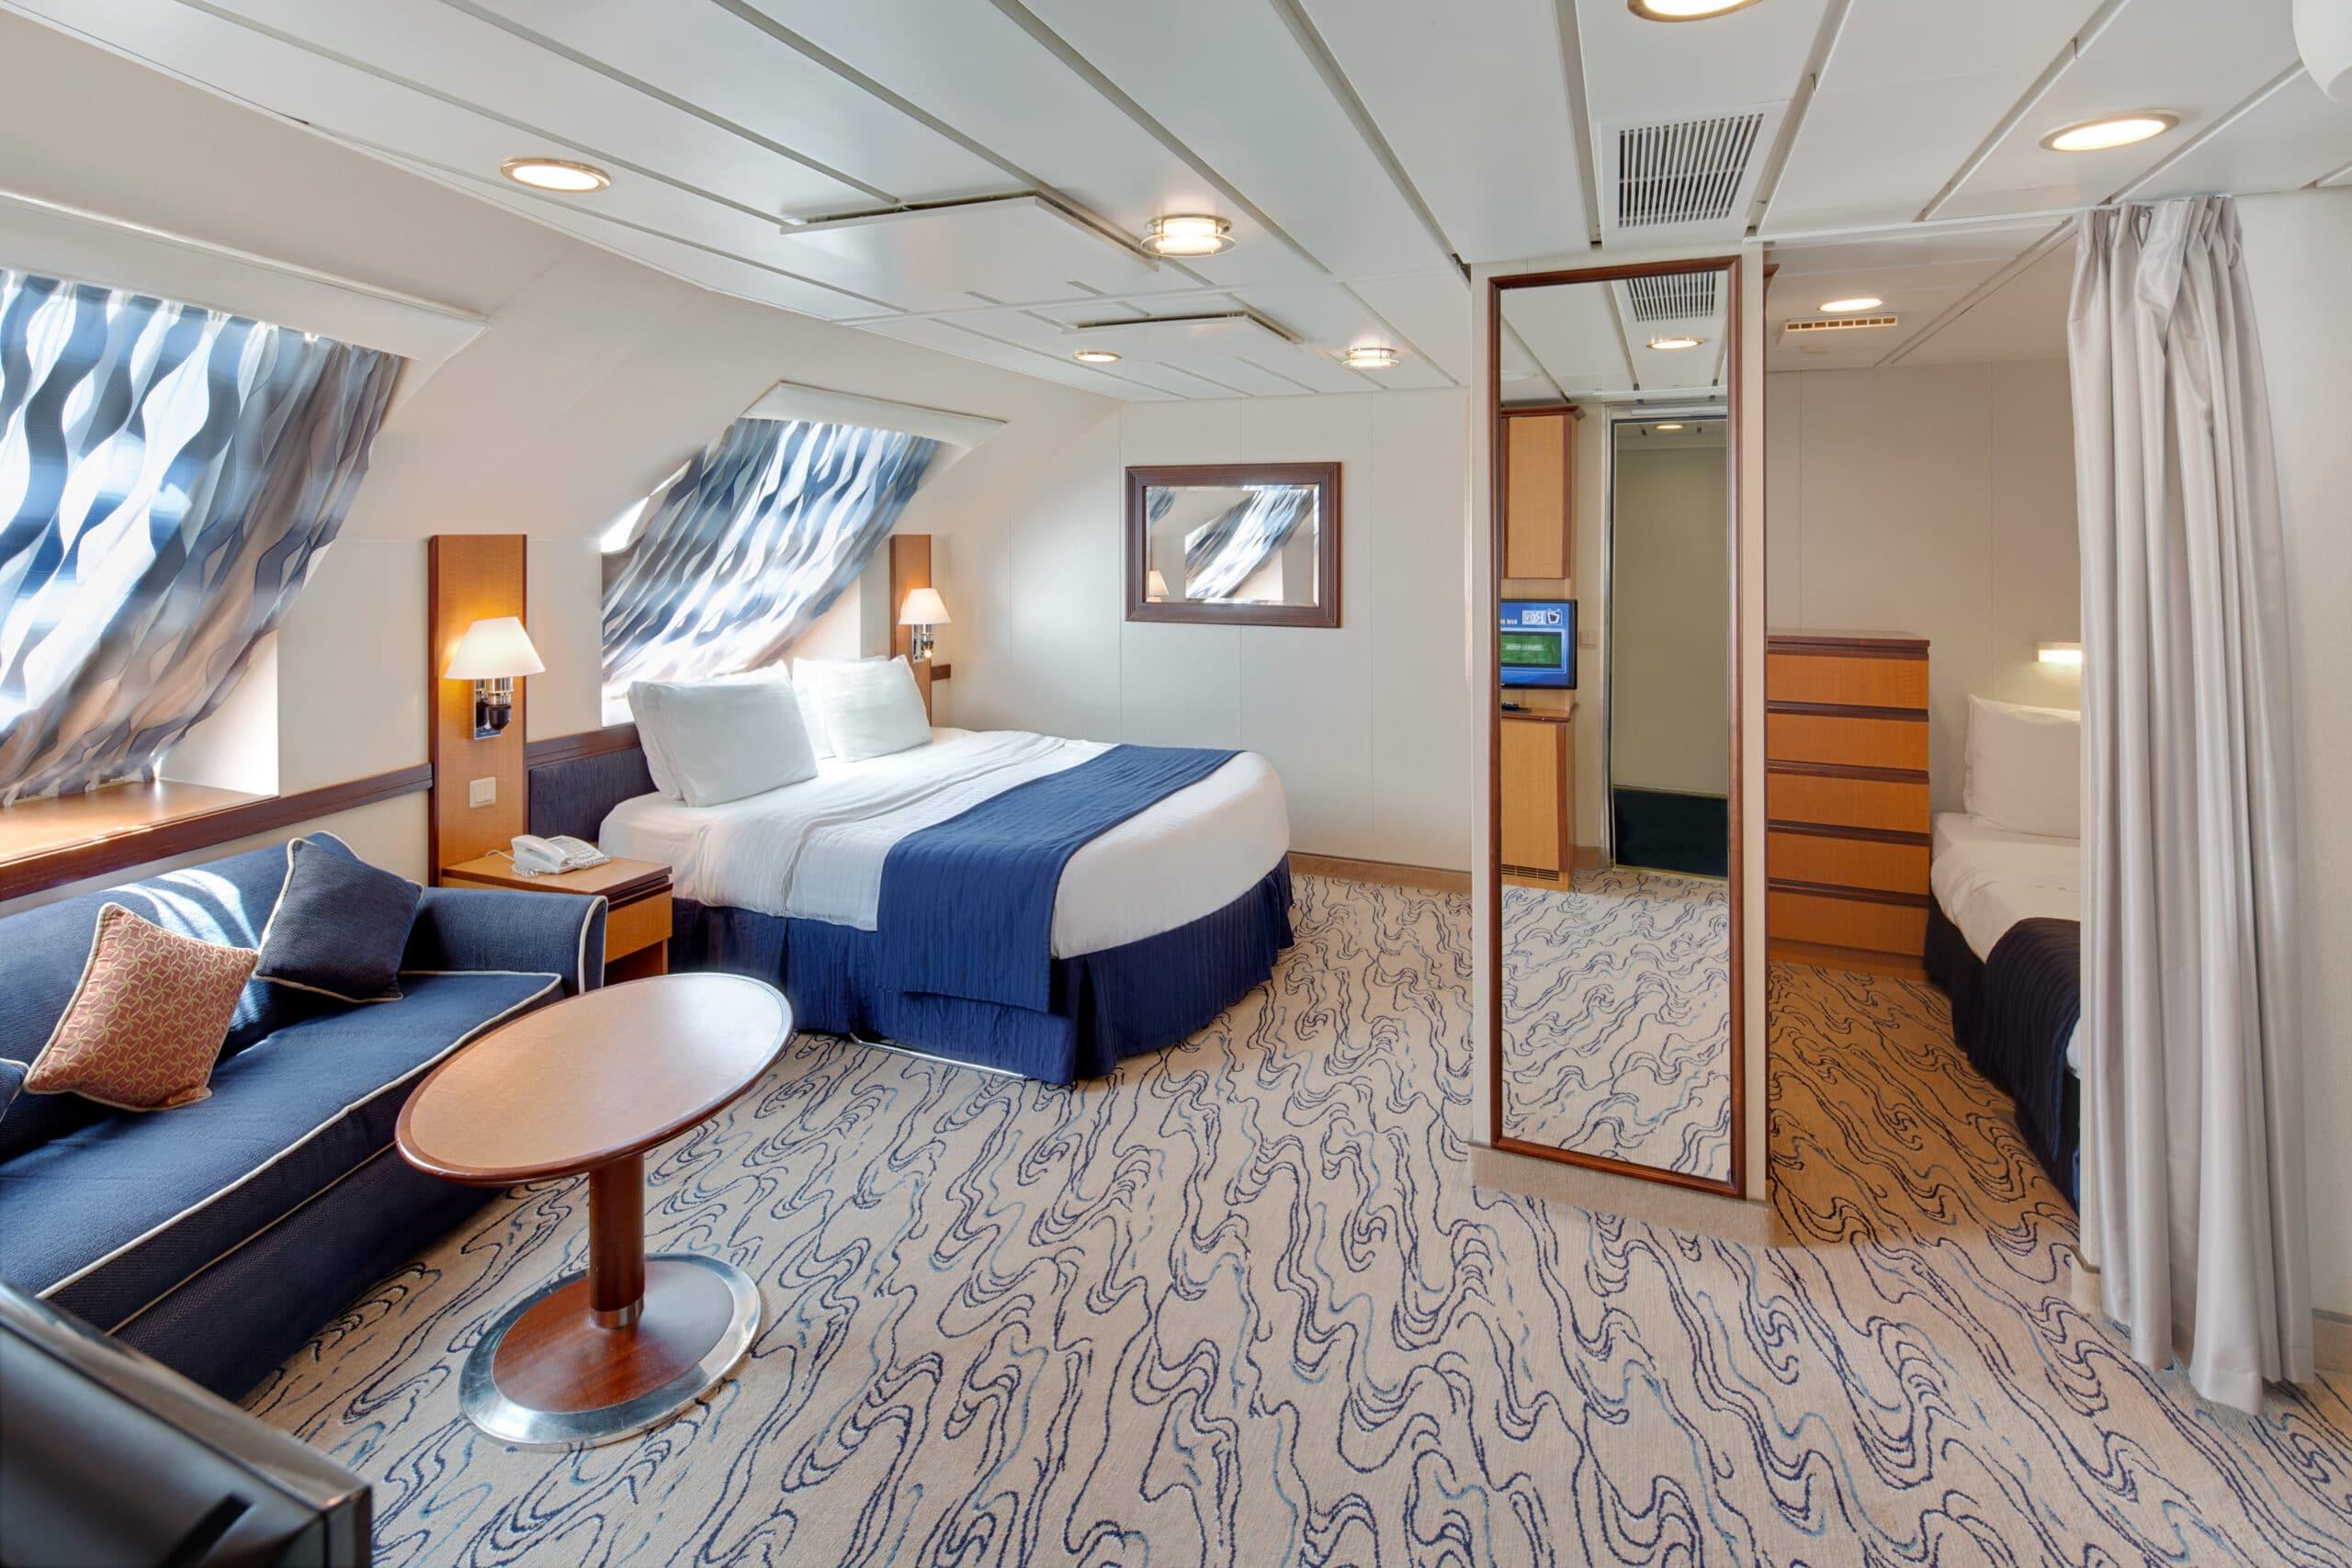 Royal-Caribbean-International-Jewel-of-the-Seas-schip-cruiseschip-categorie-1K-Ultra-grote-buitenhut